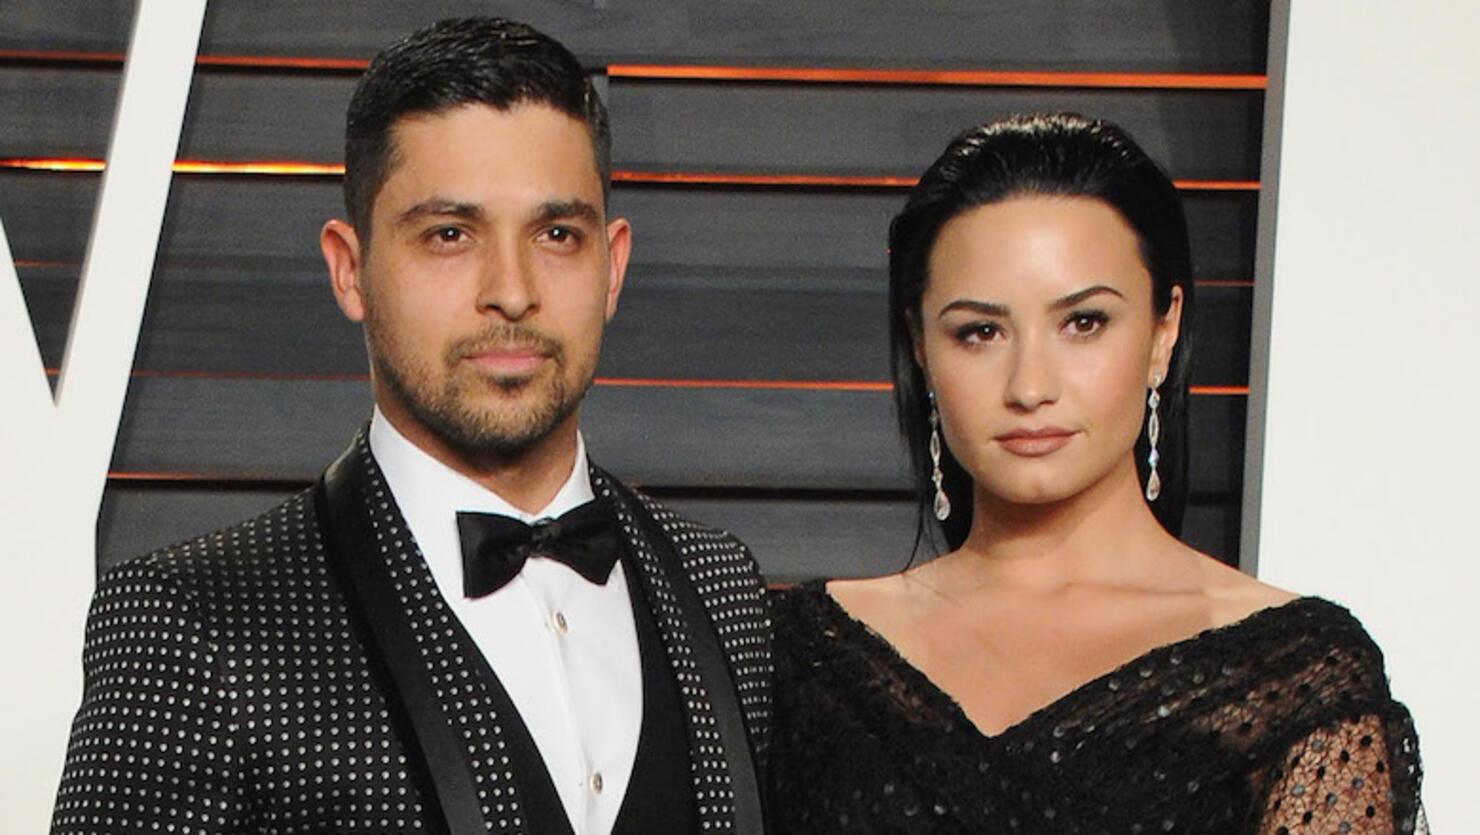 Exes Demi Lovato & Wilmer Valderrama Reunite As Lovers In New Movie | iHeartRadio